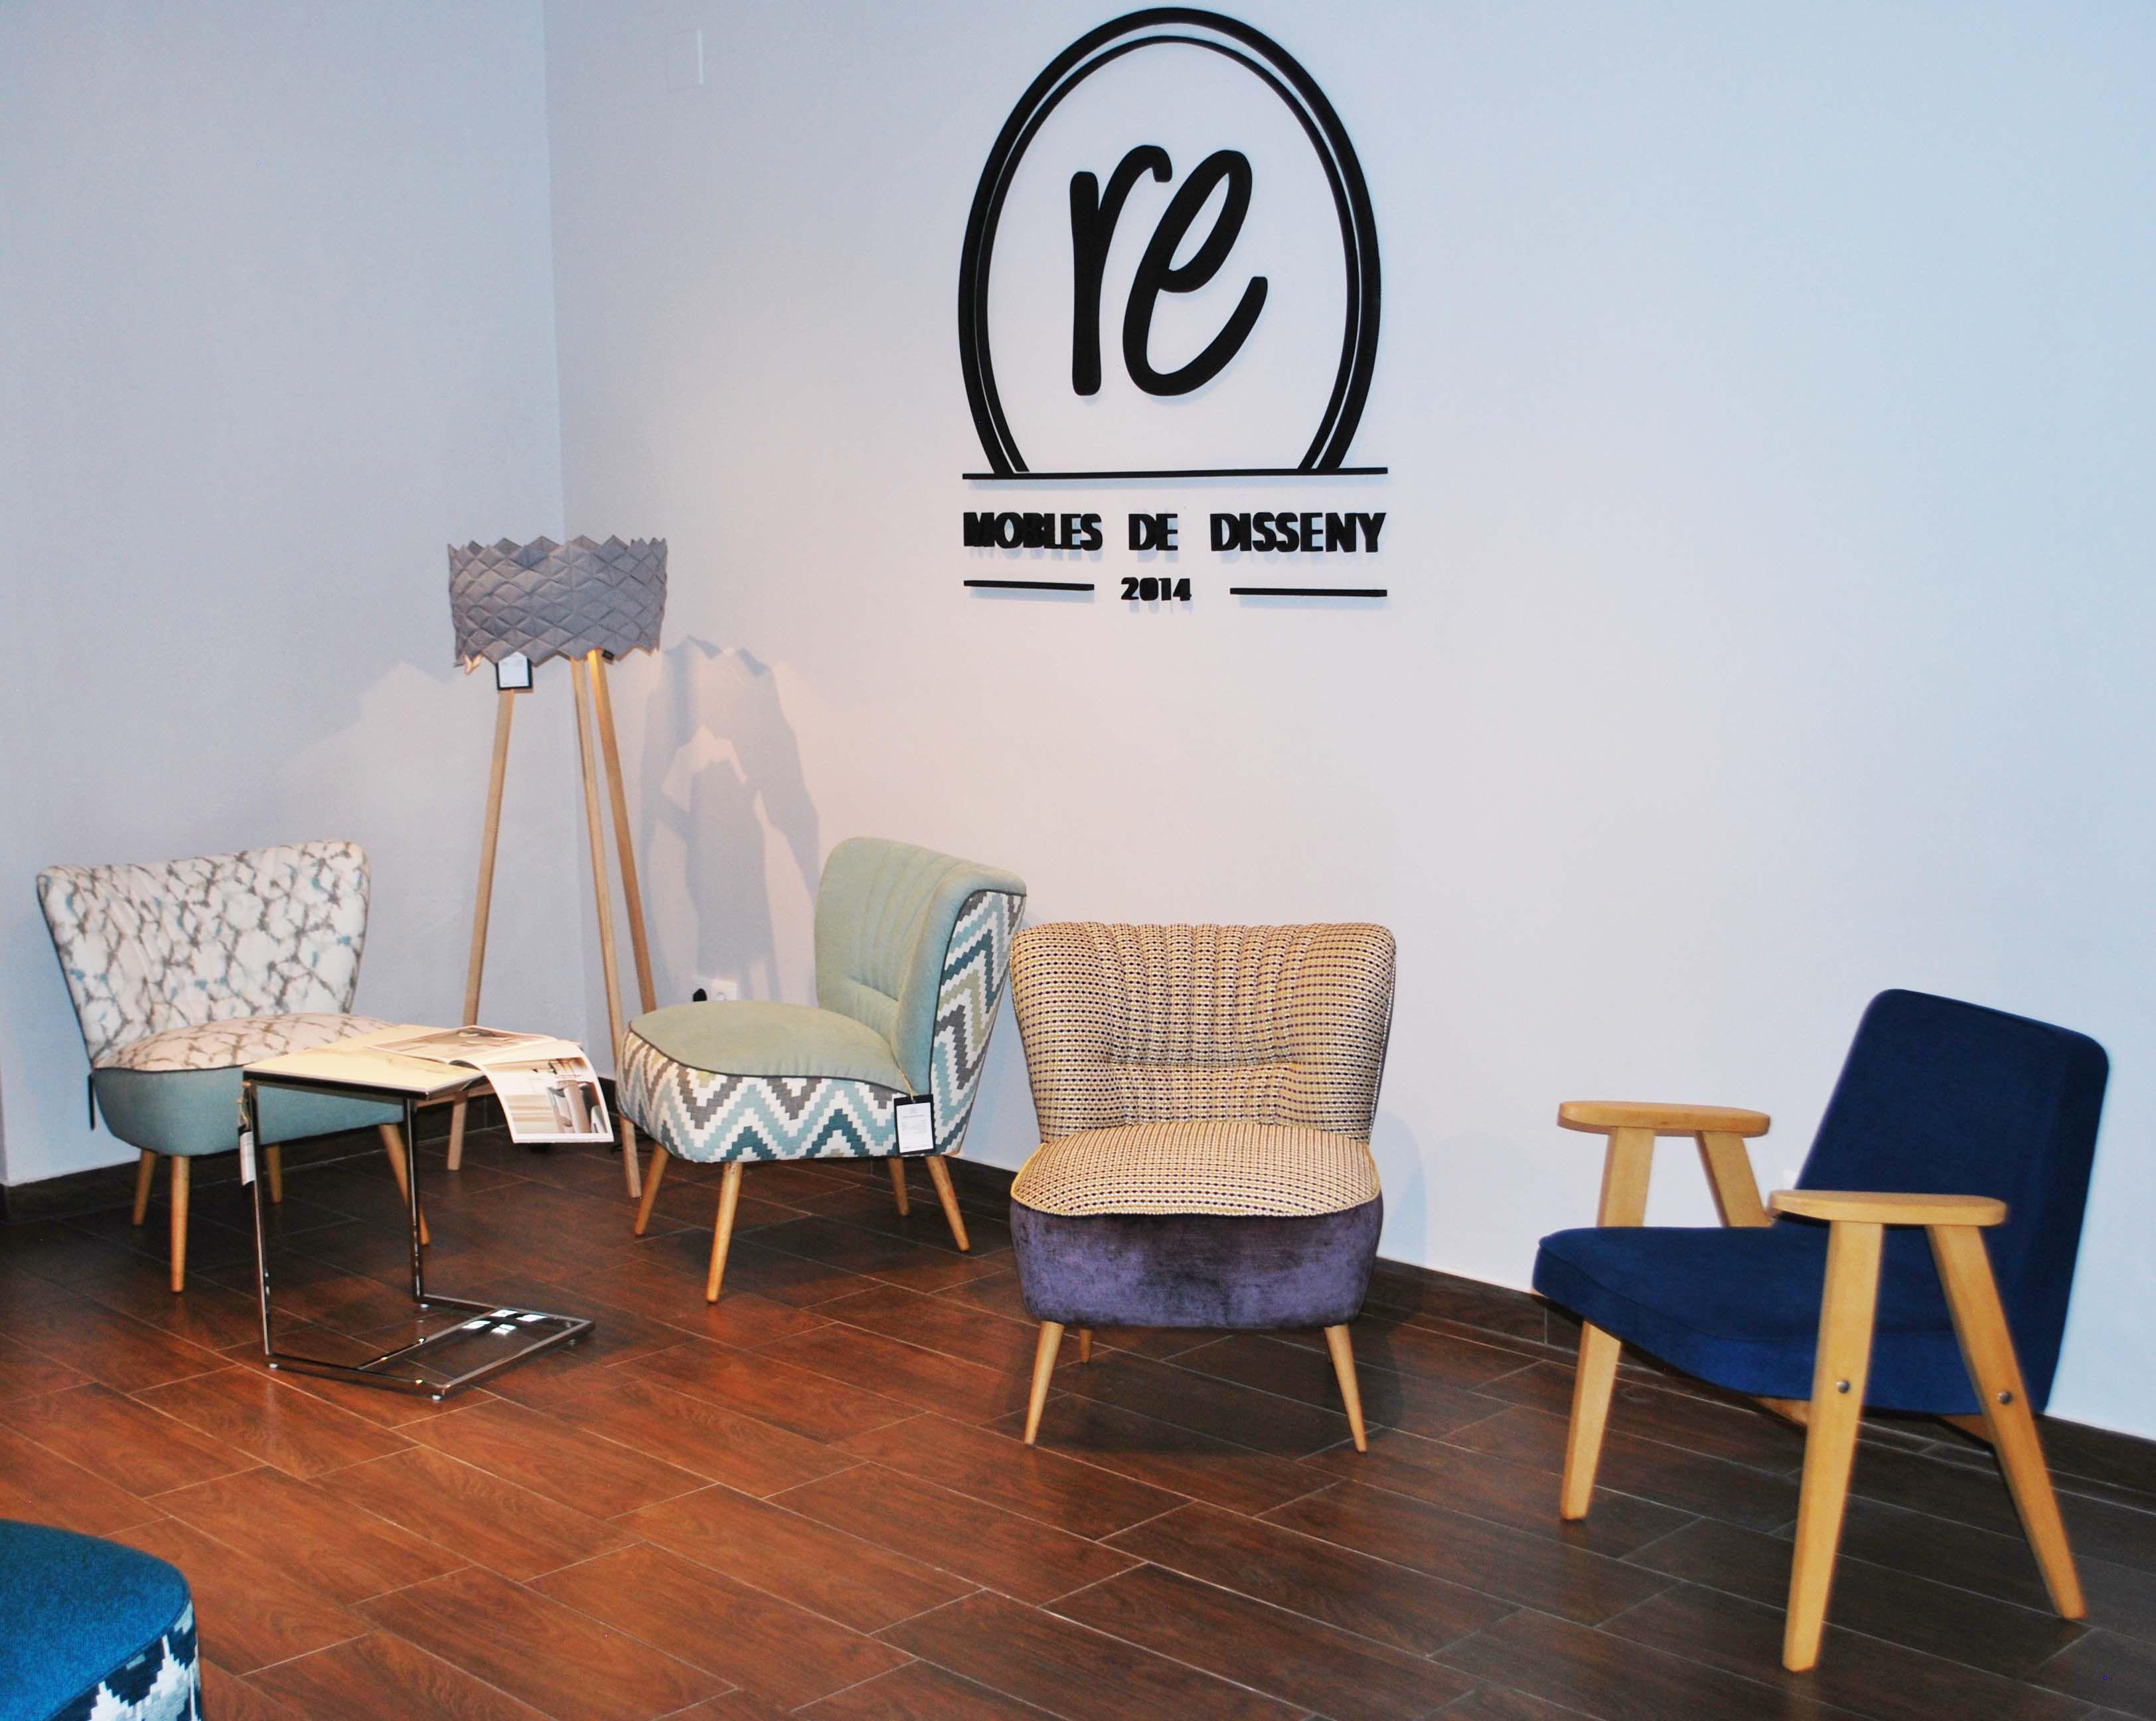 Butaca dise o decoracion interiores muebles barcelona vintage a os 60 retro tienda de - Muebles de diseno barcelona ...